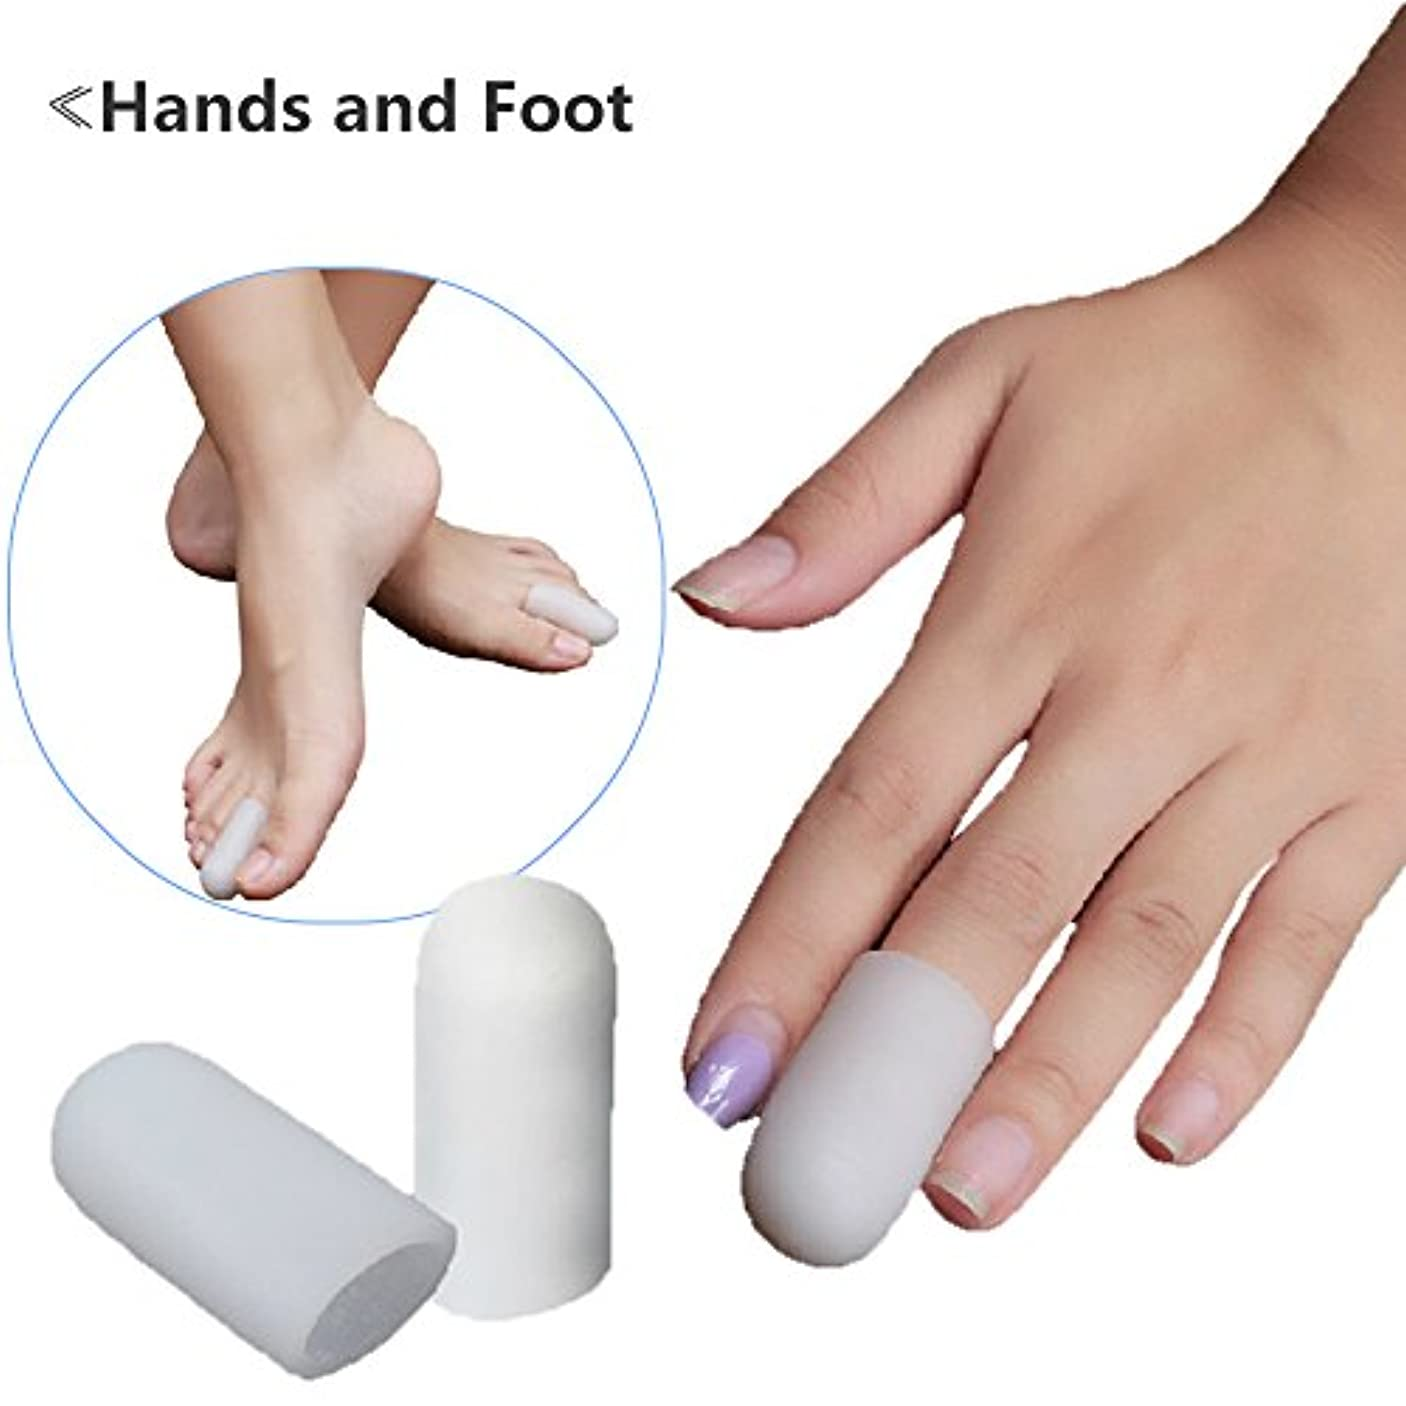 つま先プロテクター ランニング時の足先のつめ保護キャップ,指キャップ,〈2個入〉 (M(3.5cm))